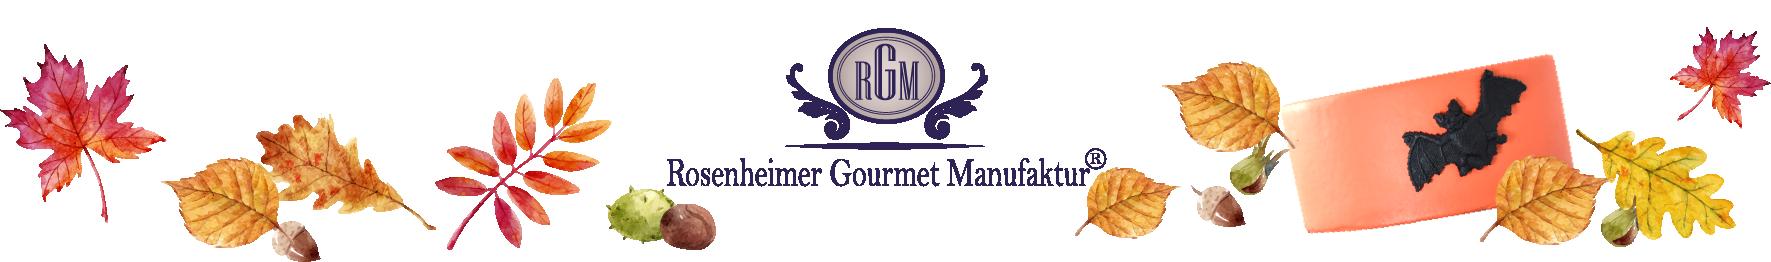 Rosenheimer Gourmet Manufaktur Logo